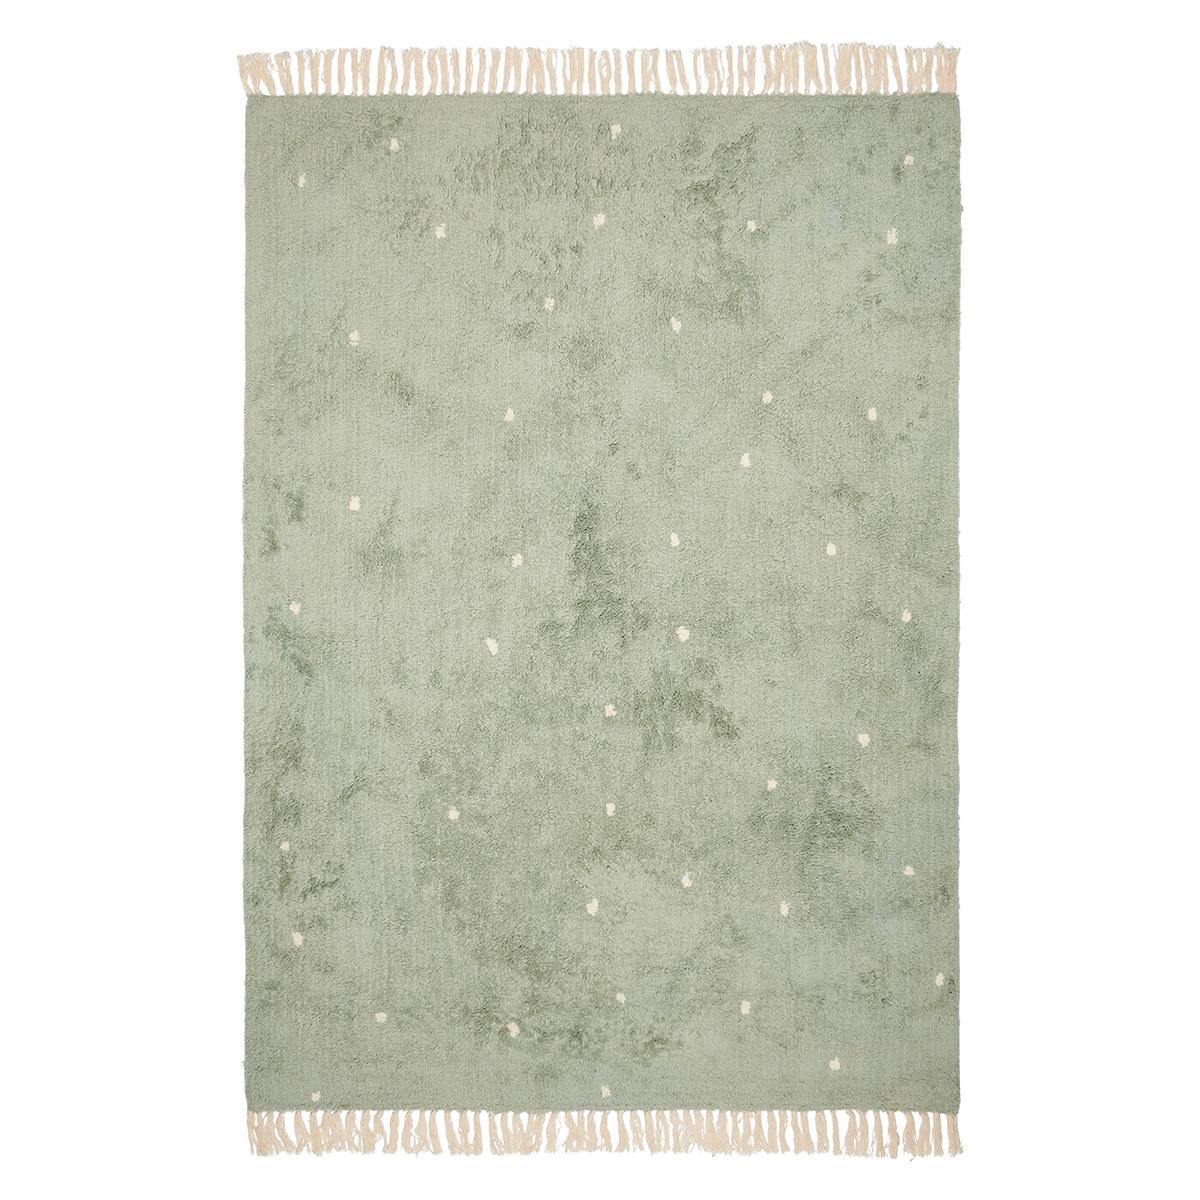 Tapis Tapis Dot Pure Mint - 120 x 170 cm Tapis Dot Pure Mint - 120 x 170 cm